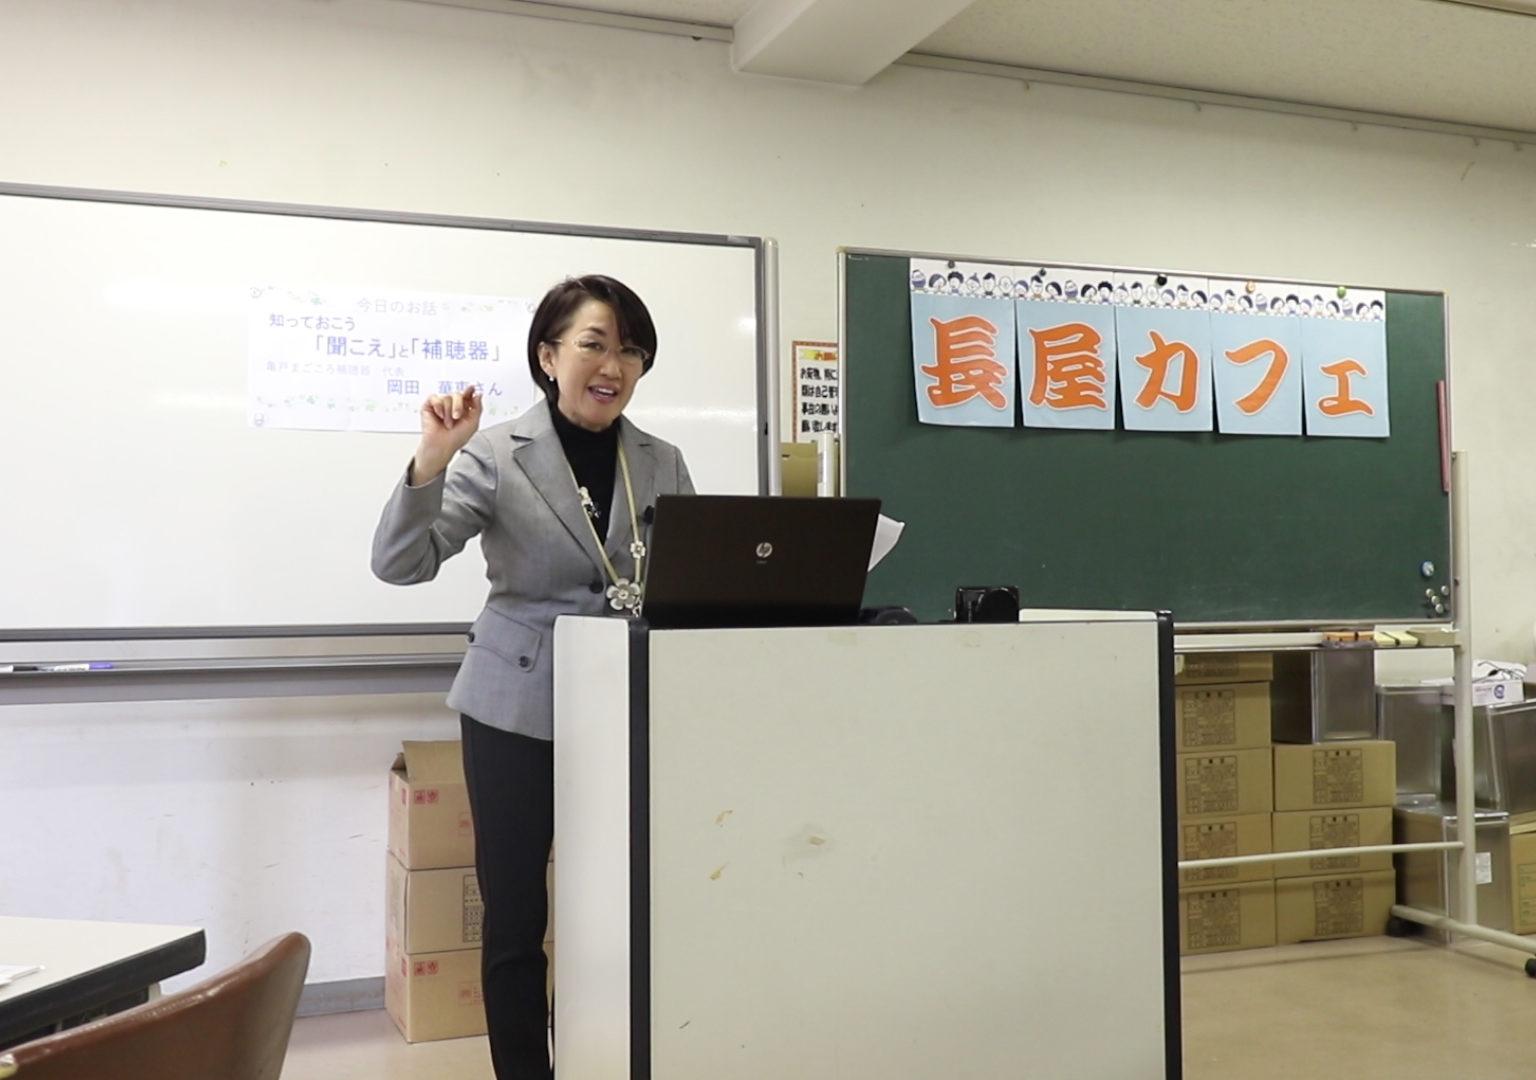 深川長屋カフェさんにて「聞こえと補聴器」ミニ講話